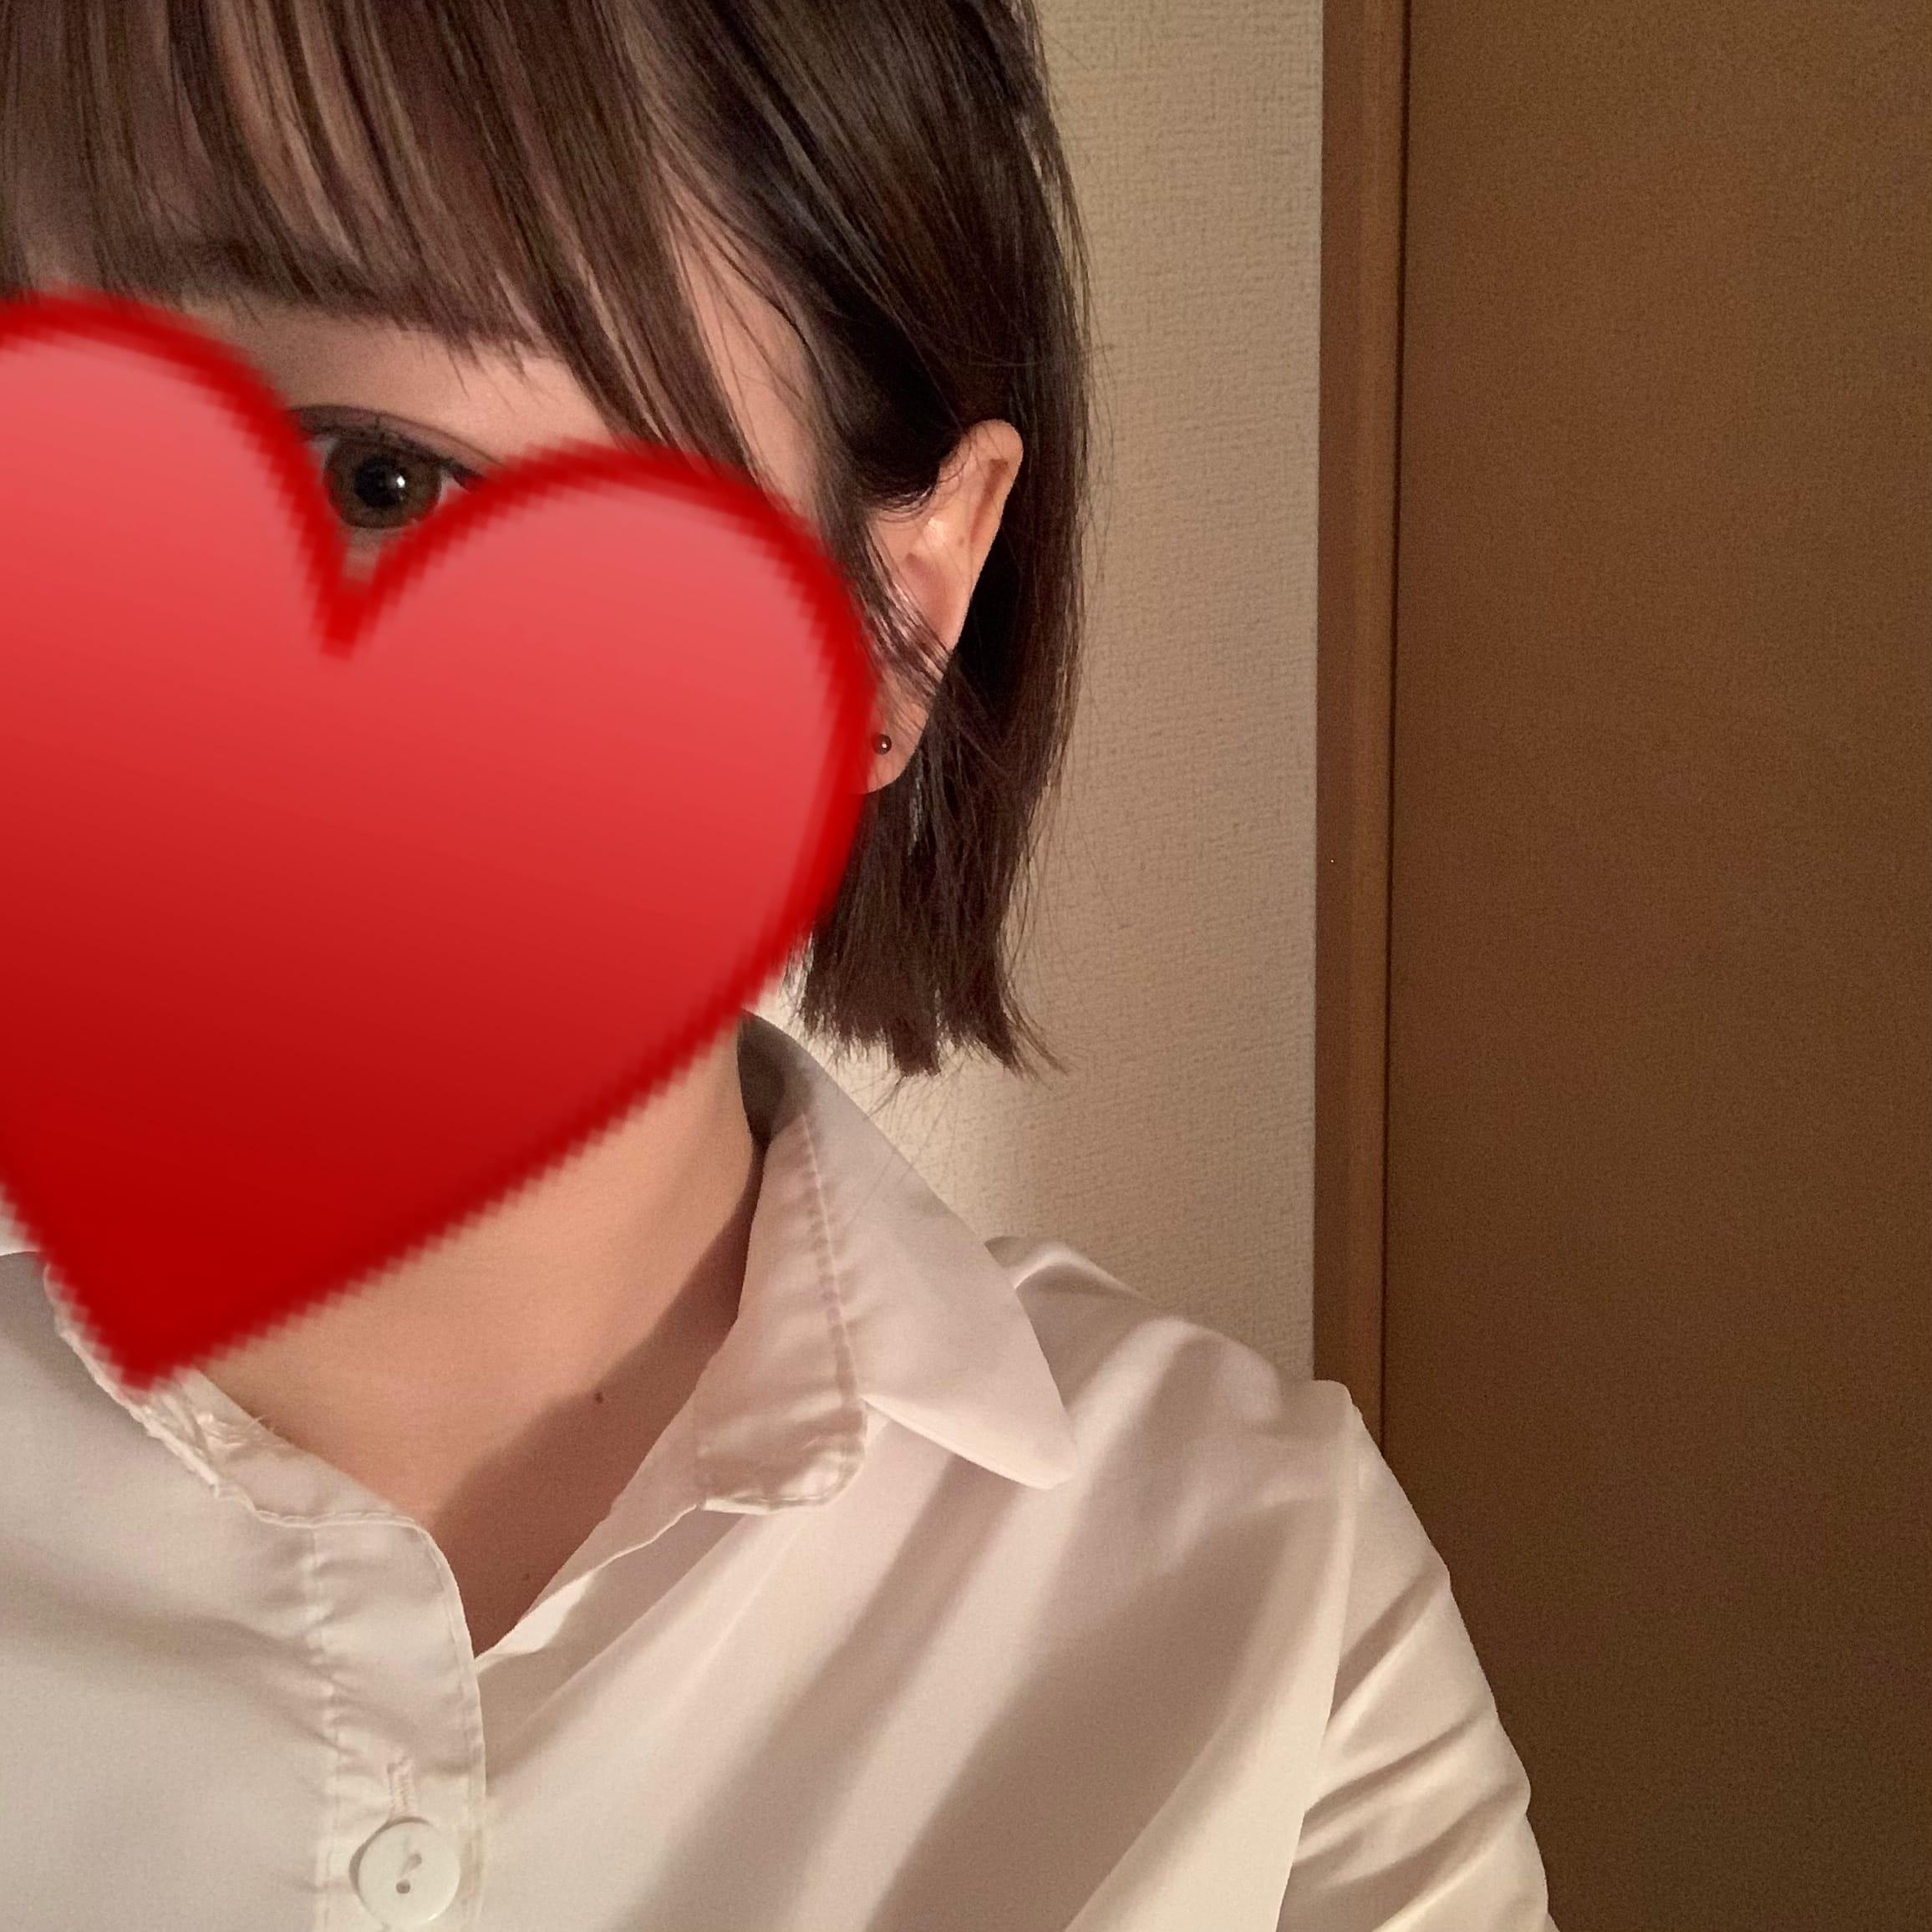 「出勤」07/19(月) 16:30 | 椿-tsubaki-の写メ日記